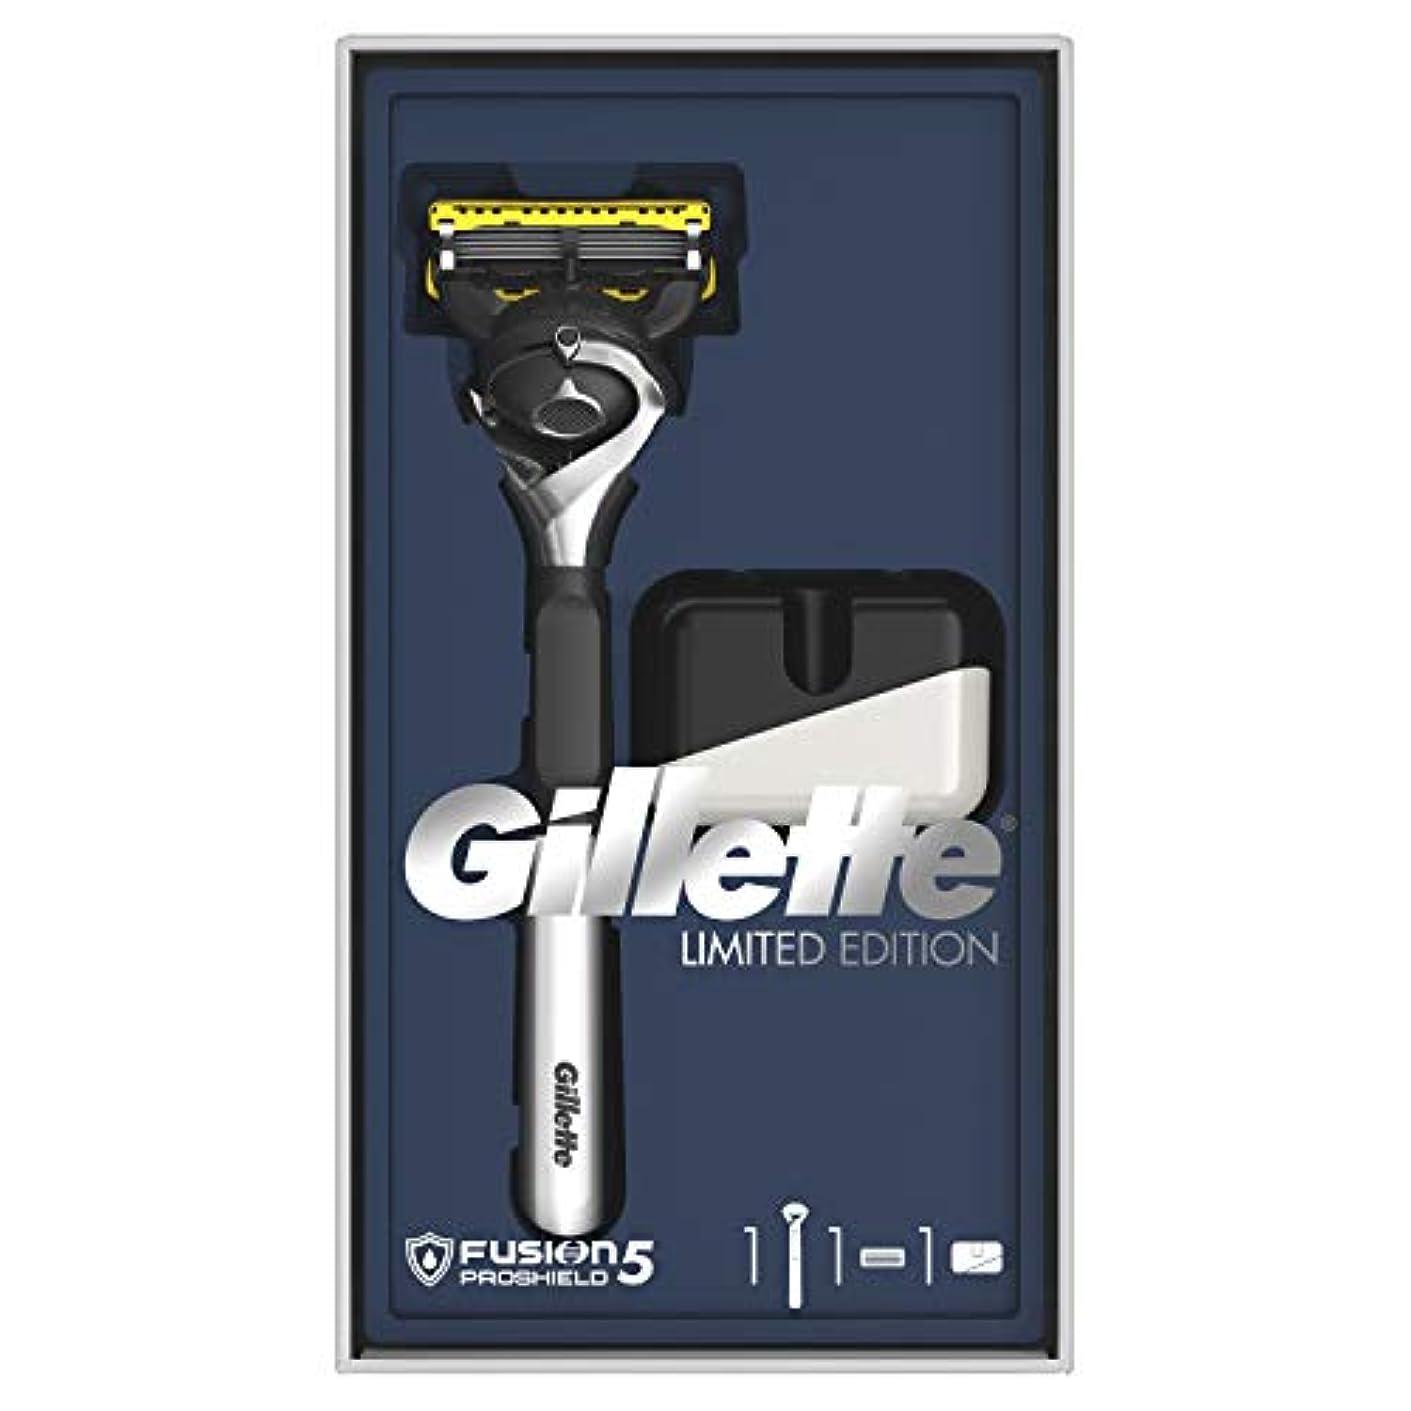 どちらかアルバニーハシージレット プロシールド 髭剃り本体+替刃1個 オリジナルスタンド付 スペシャルパッケージ